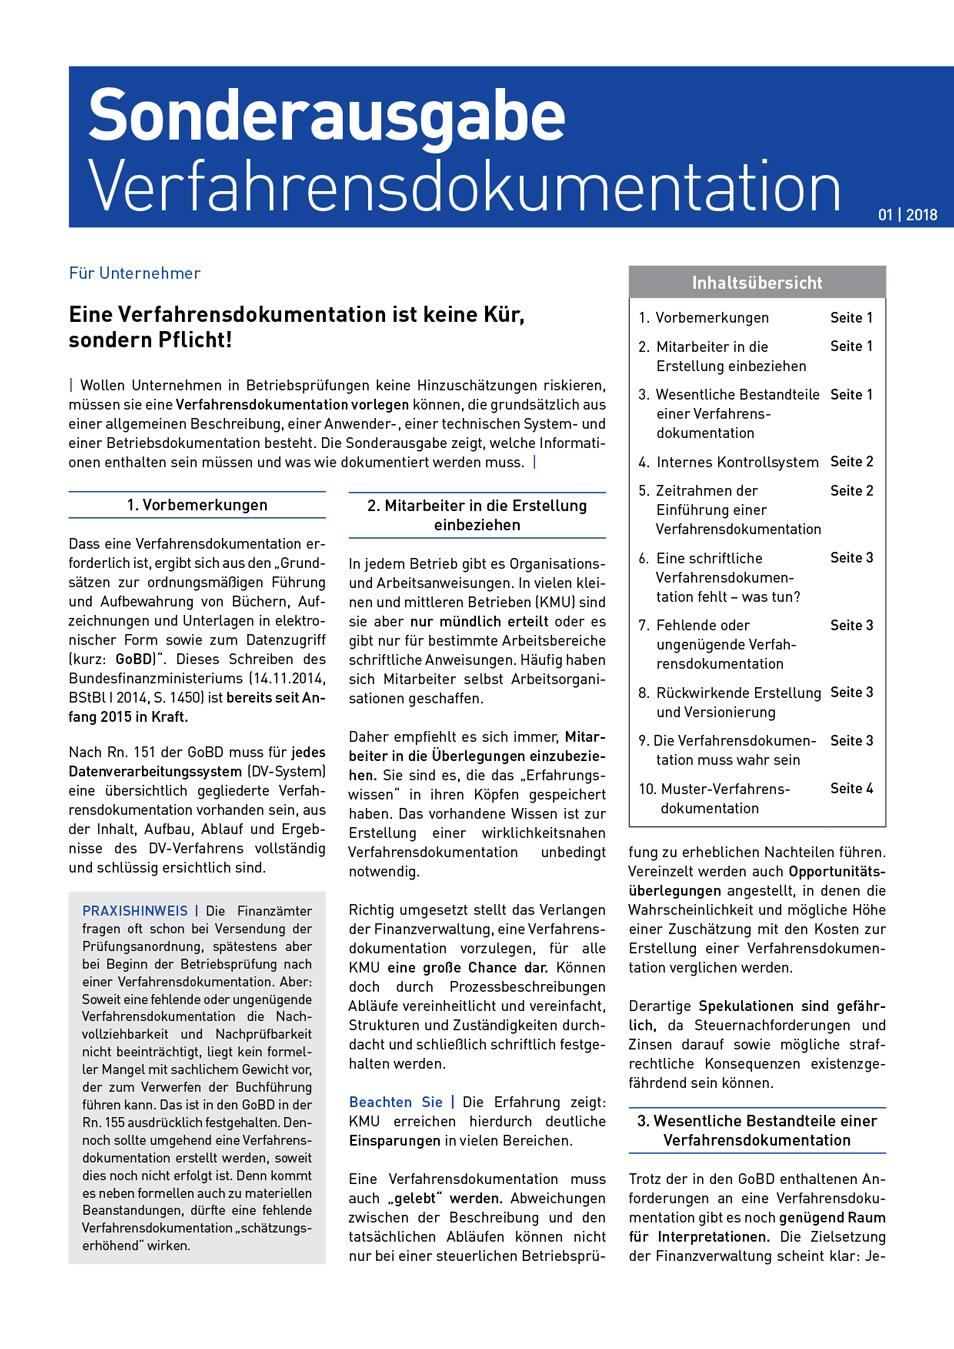 MRQ Sonderausgabe Verfahrensdokumentation Weitkamp Hirsch Steuerberatungsgesellschaft mbH